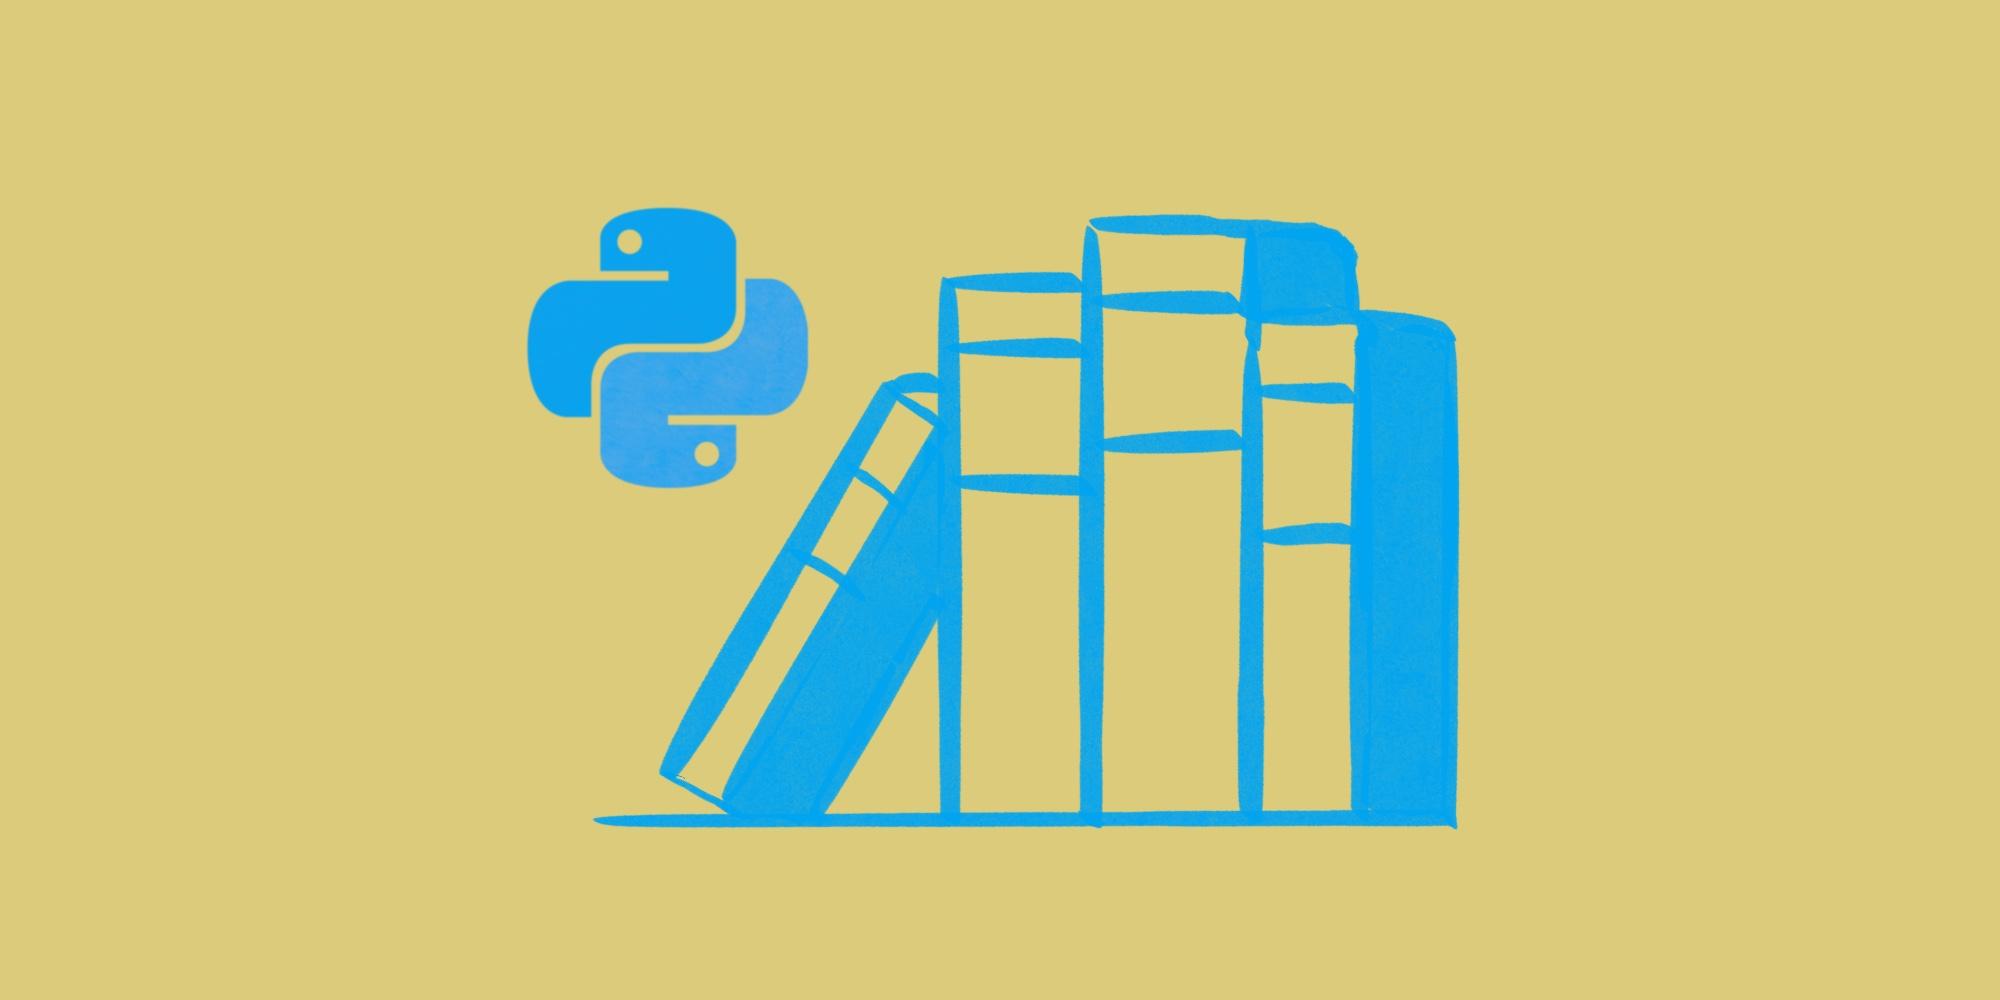 Как с помощью Python скачать все бесплатные учебники Springer Nature